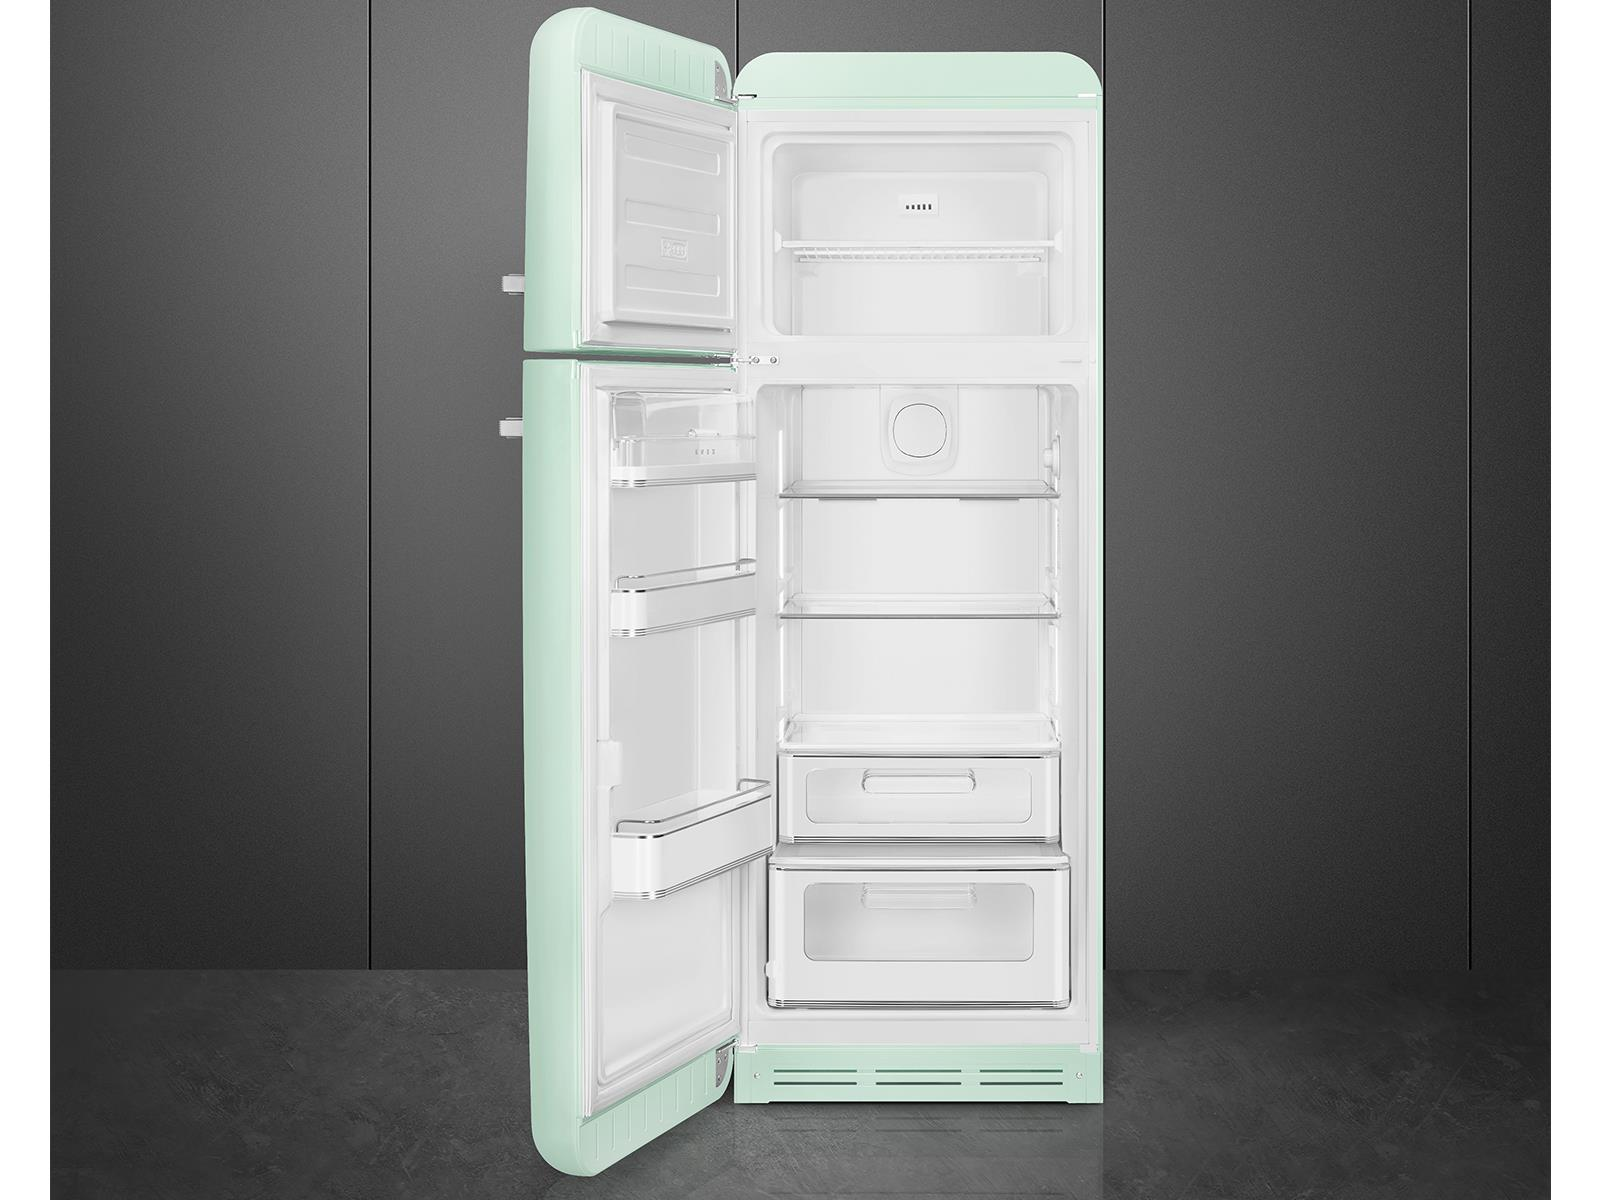 Smeg Kühlschrank 140 Cm : Smeg fab30lpg3 standkühlschrank pastellgrün